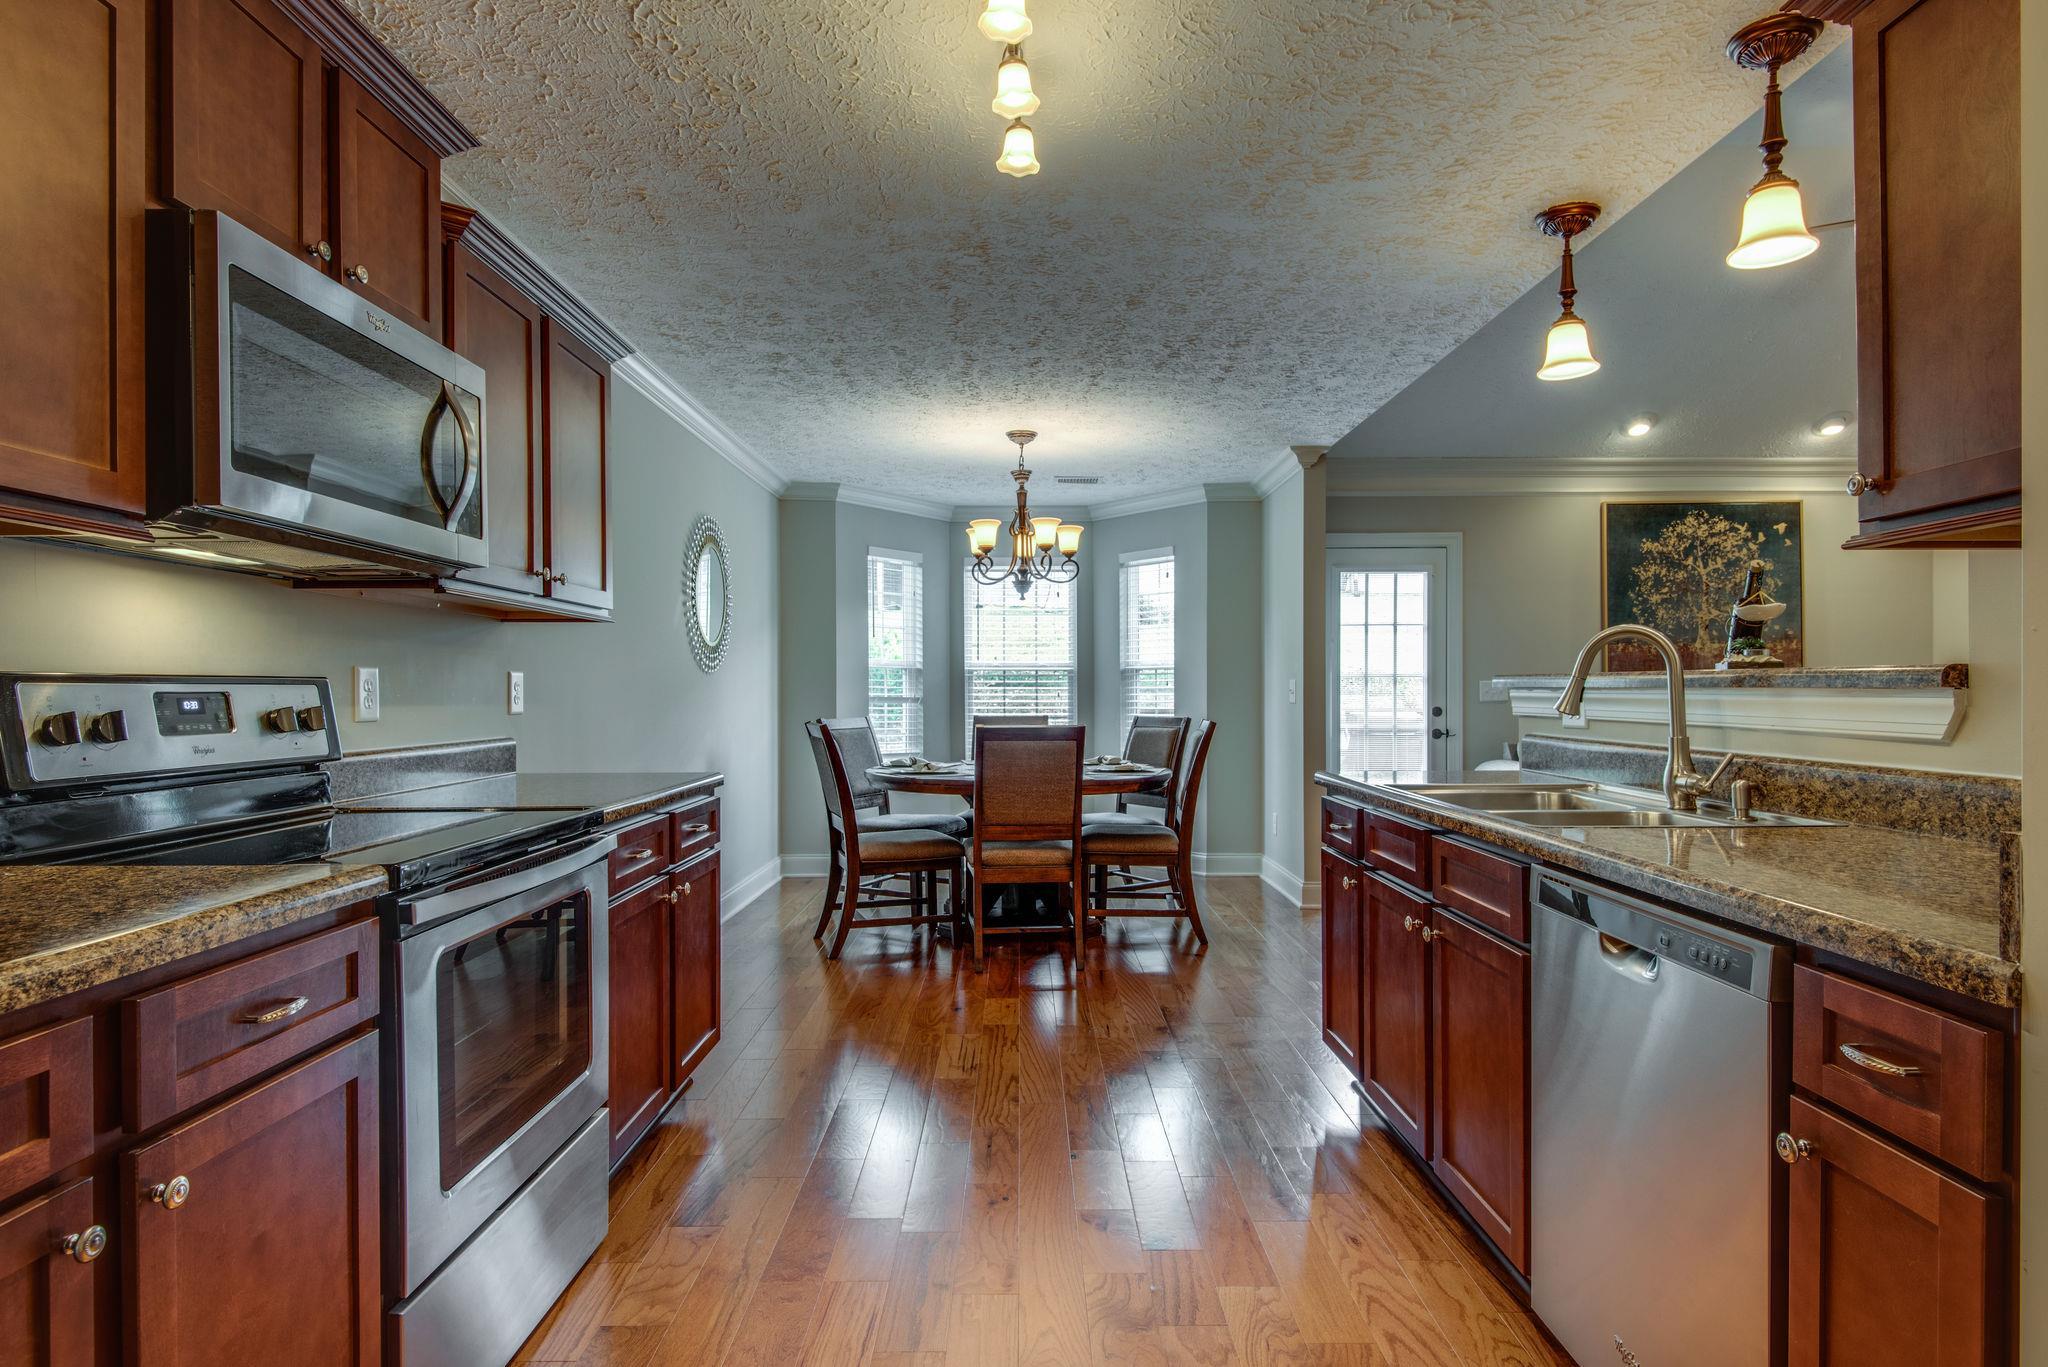 116 Glochester Ct, LA VERGNE, TN 37086 - LA VERGNE, TN real estate listing